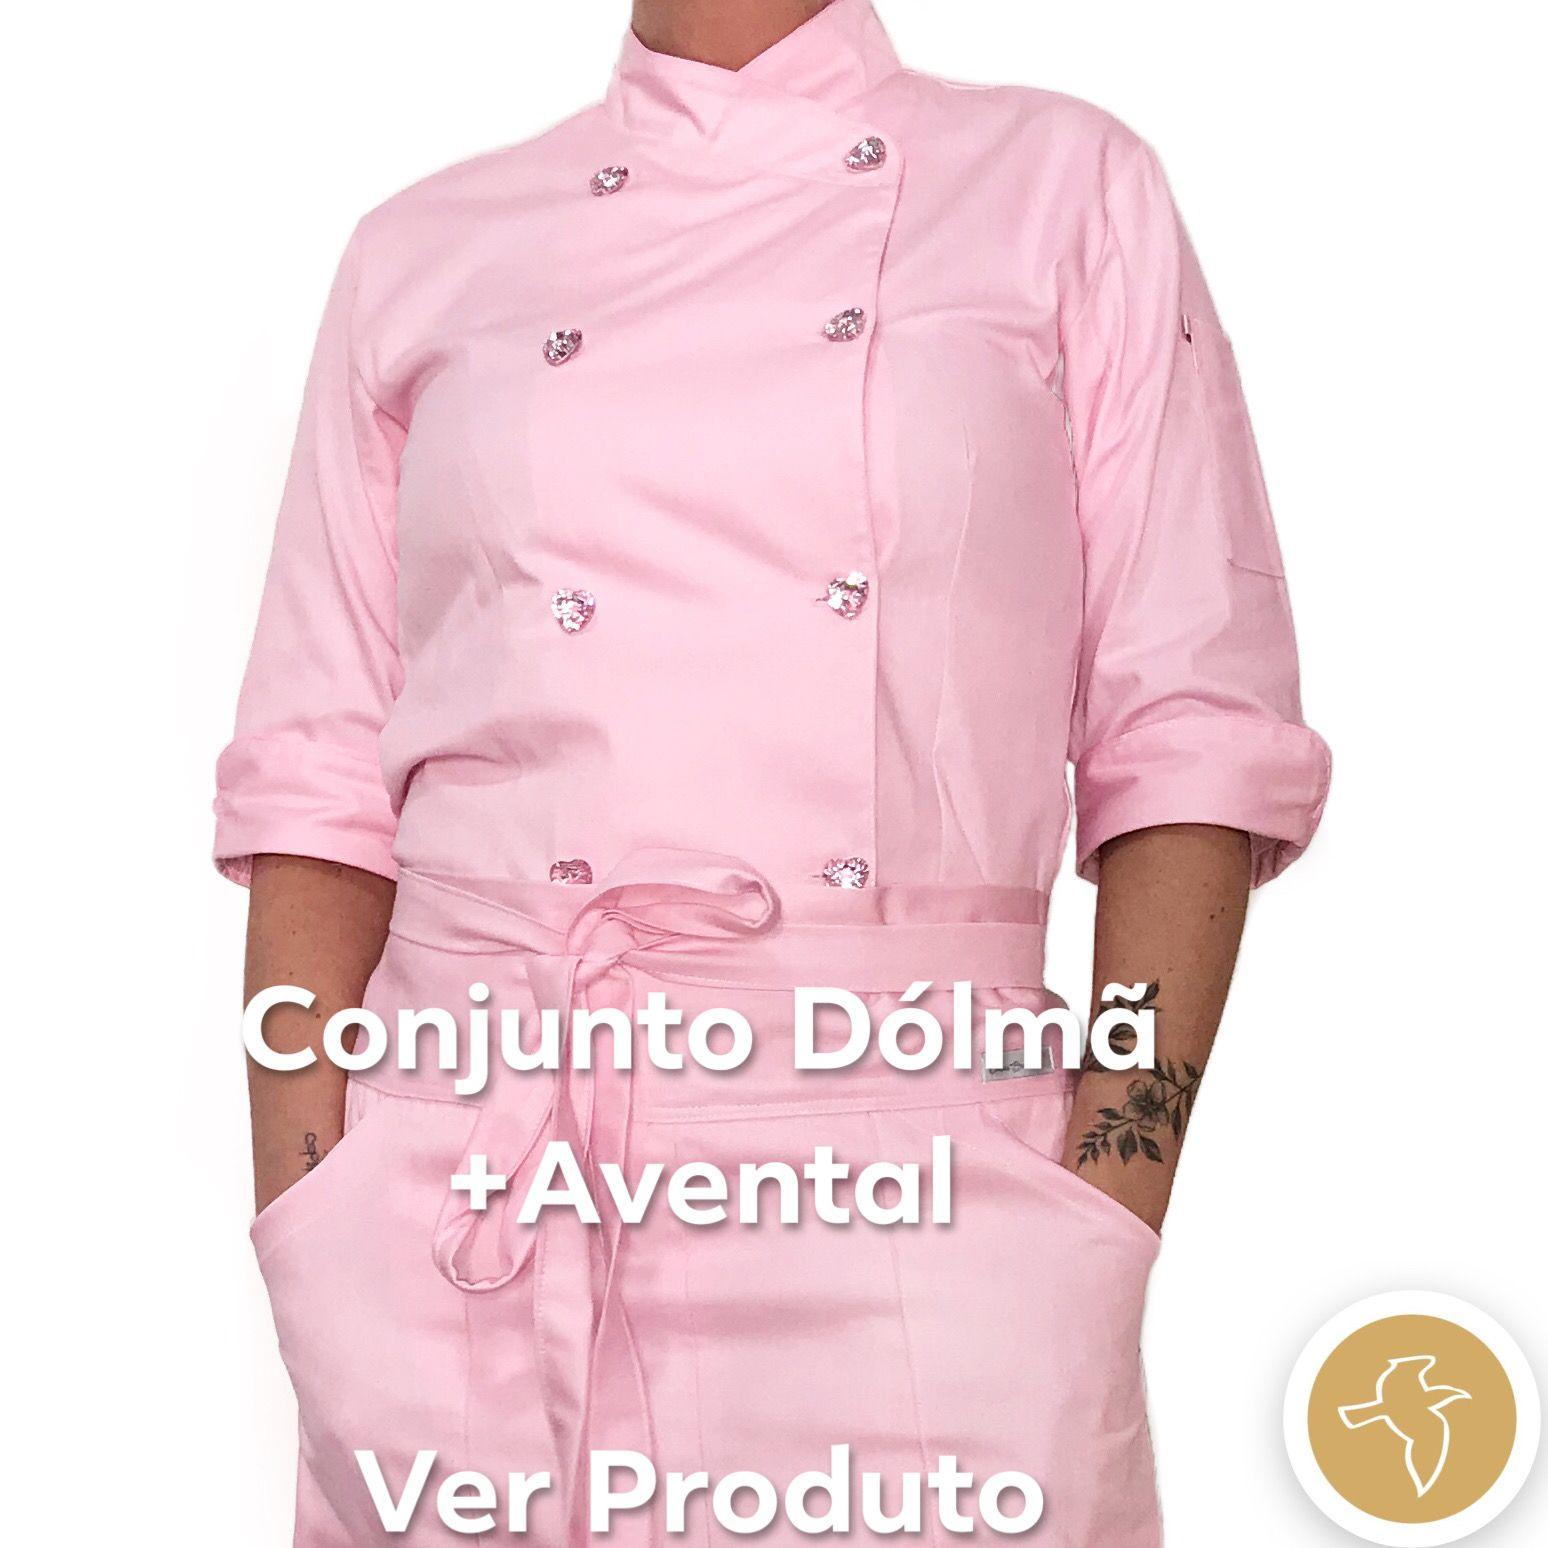 Conjunto  Dólmã Cecilia Feminina Acinturado ROSA  100% Algodão com VIVO ROSA e botões PINK HEART Avental ROSA Abertura Frontal  2 BOLSOS 100% Algodão